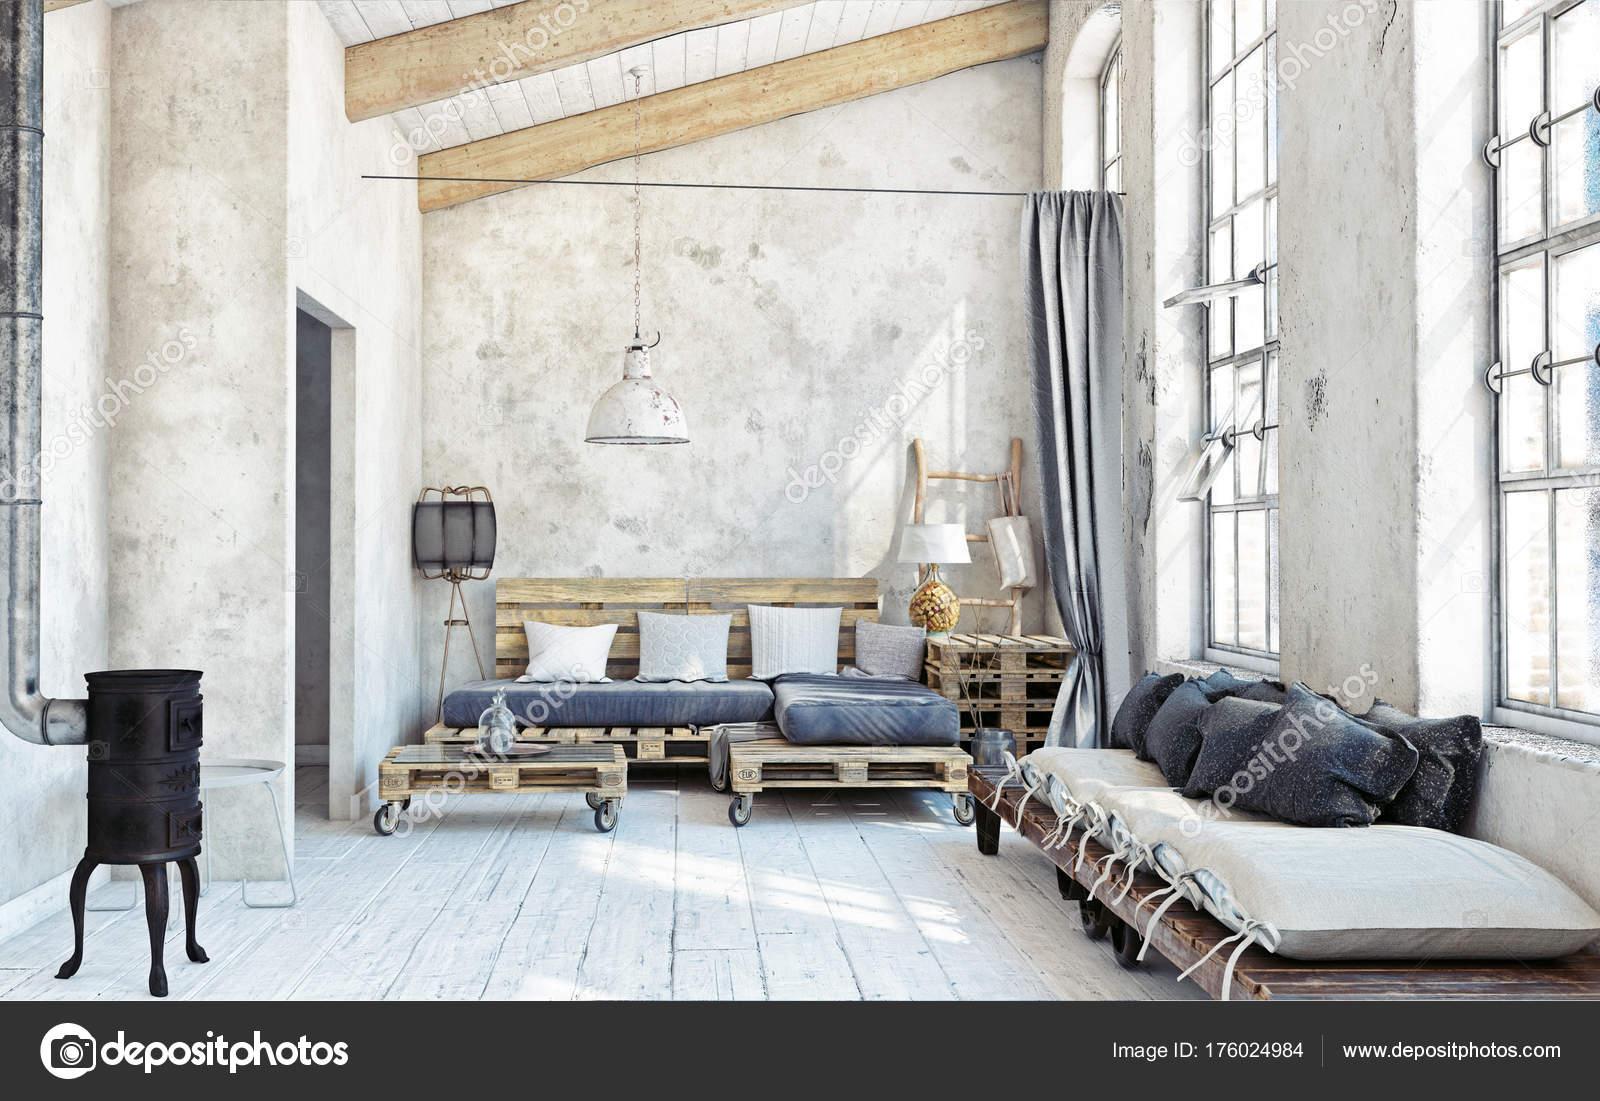 Beroemd Zolder Woonkamer Interieur Pallet Meubelen Afbeelding — Stockfoto  ZO24